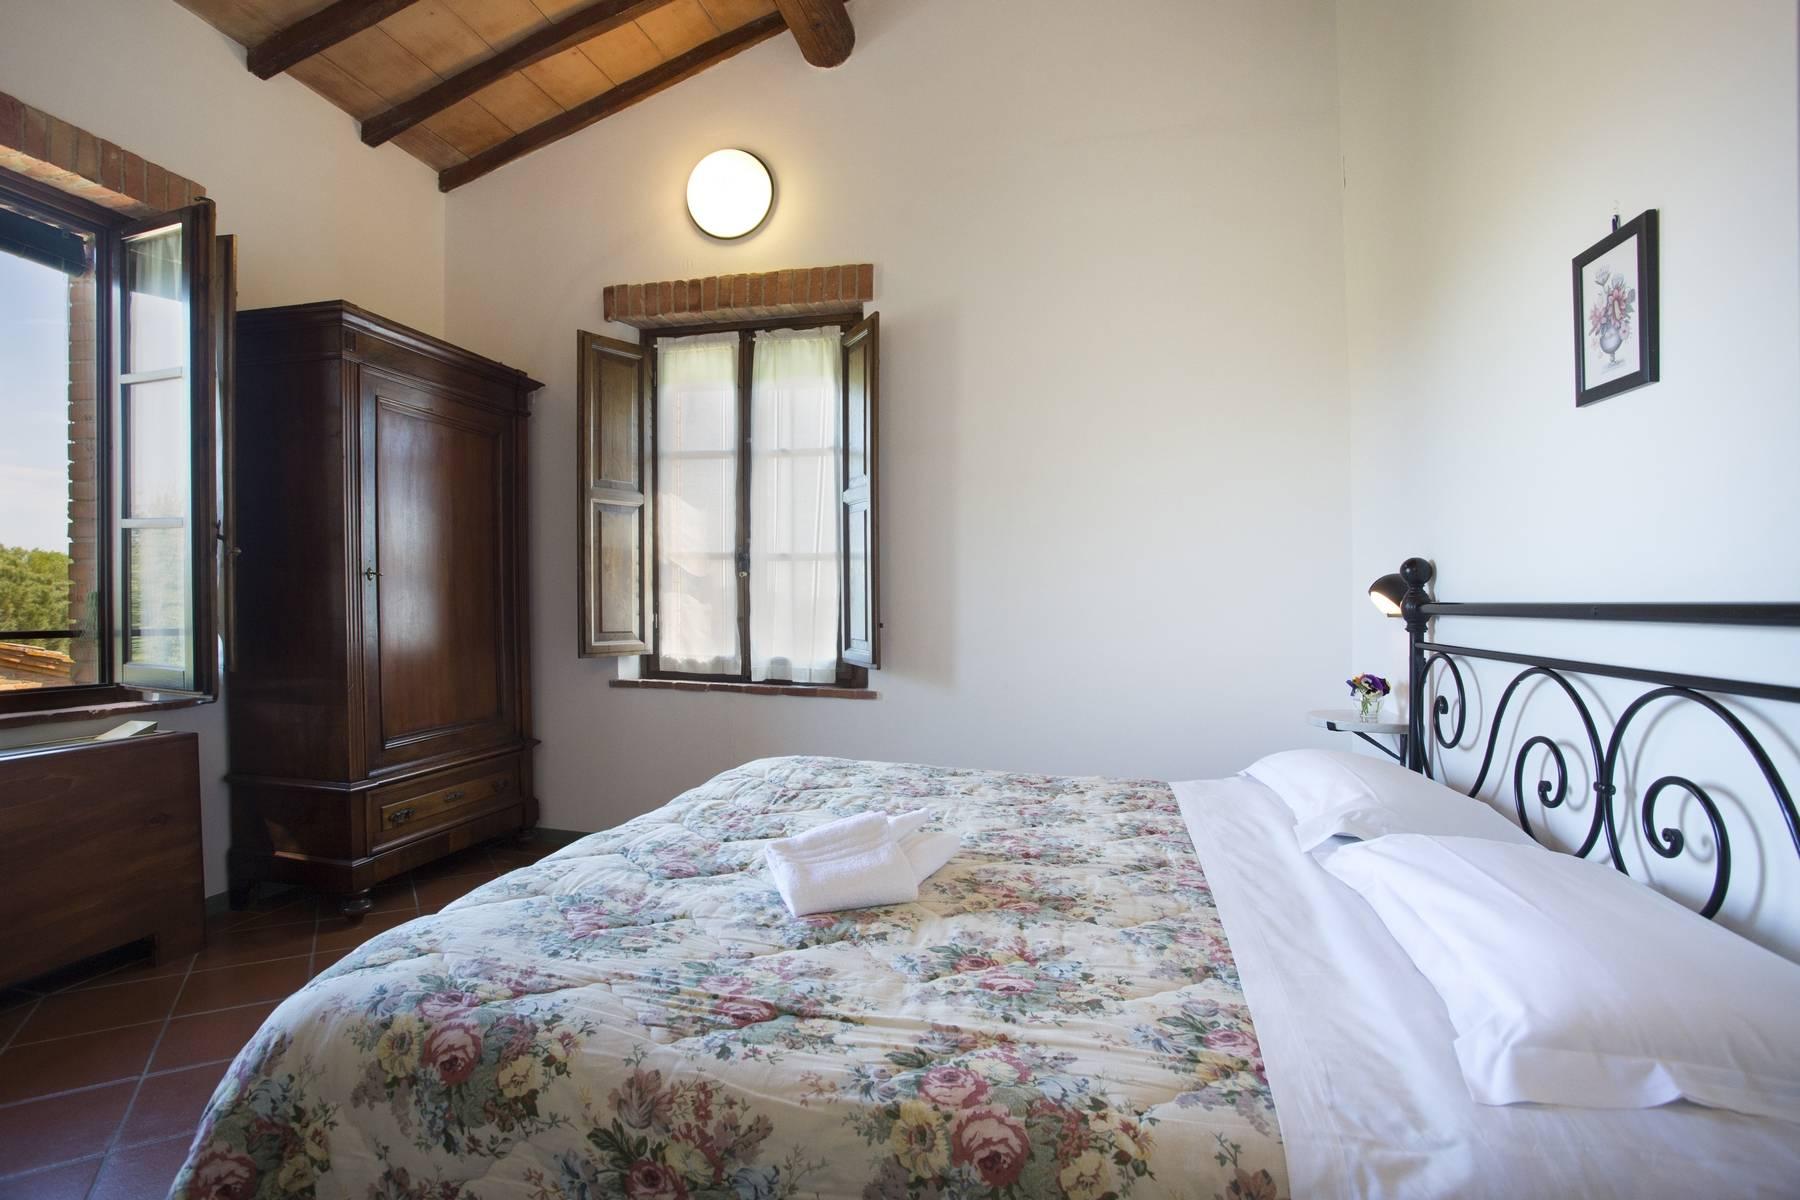 Rustico in Vendita a Montepulciano: 5 locali, 1890 mq - Foto 21